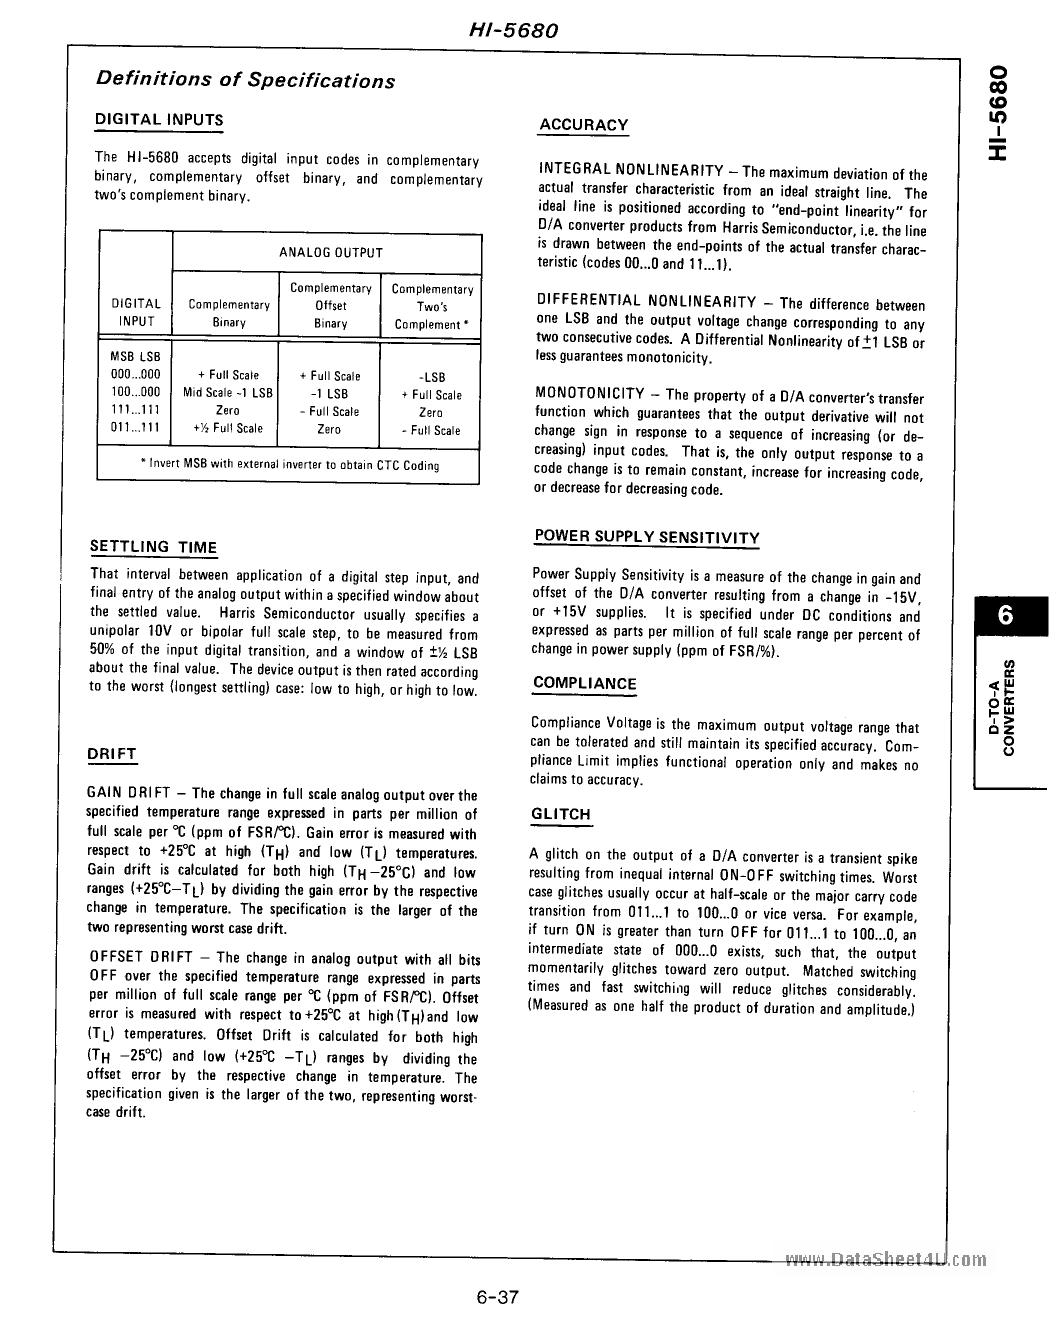 I1-5680 pdf